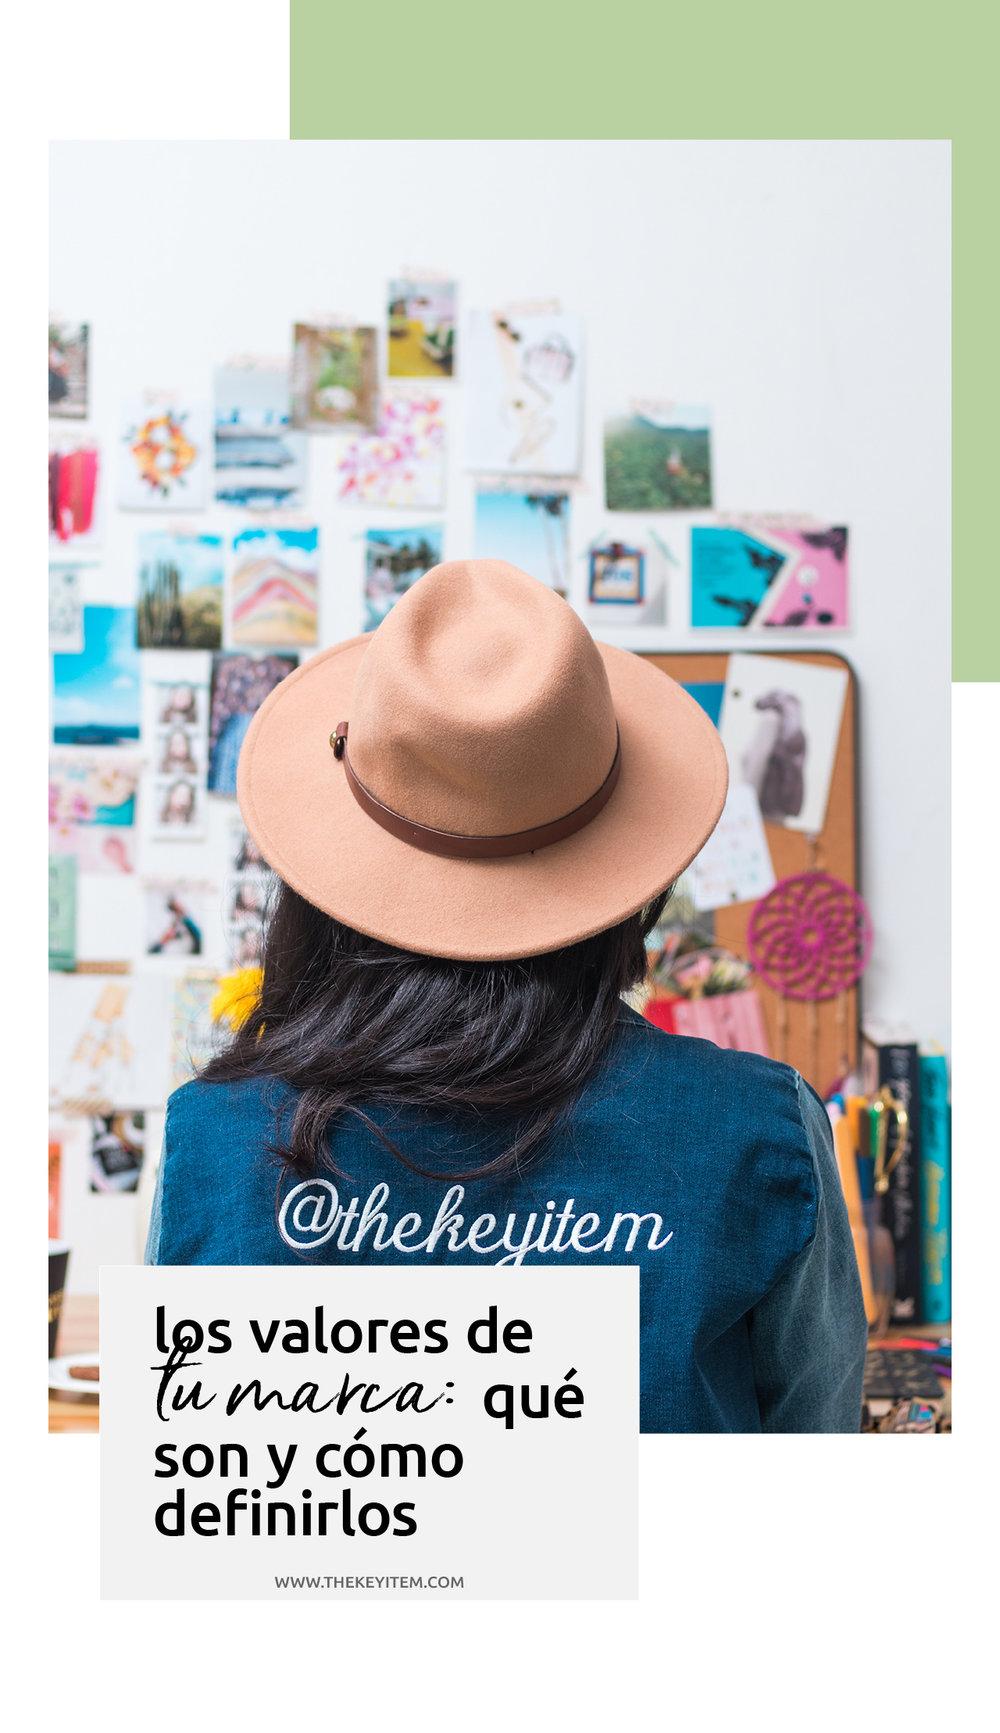 los-valores-de-tu-marca-_blogpost-layout.jpg